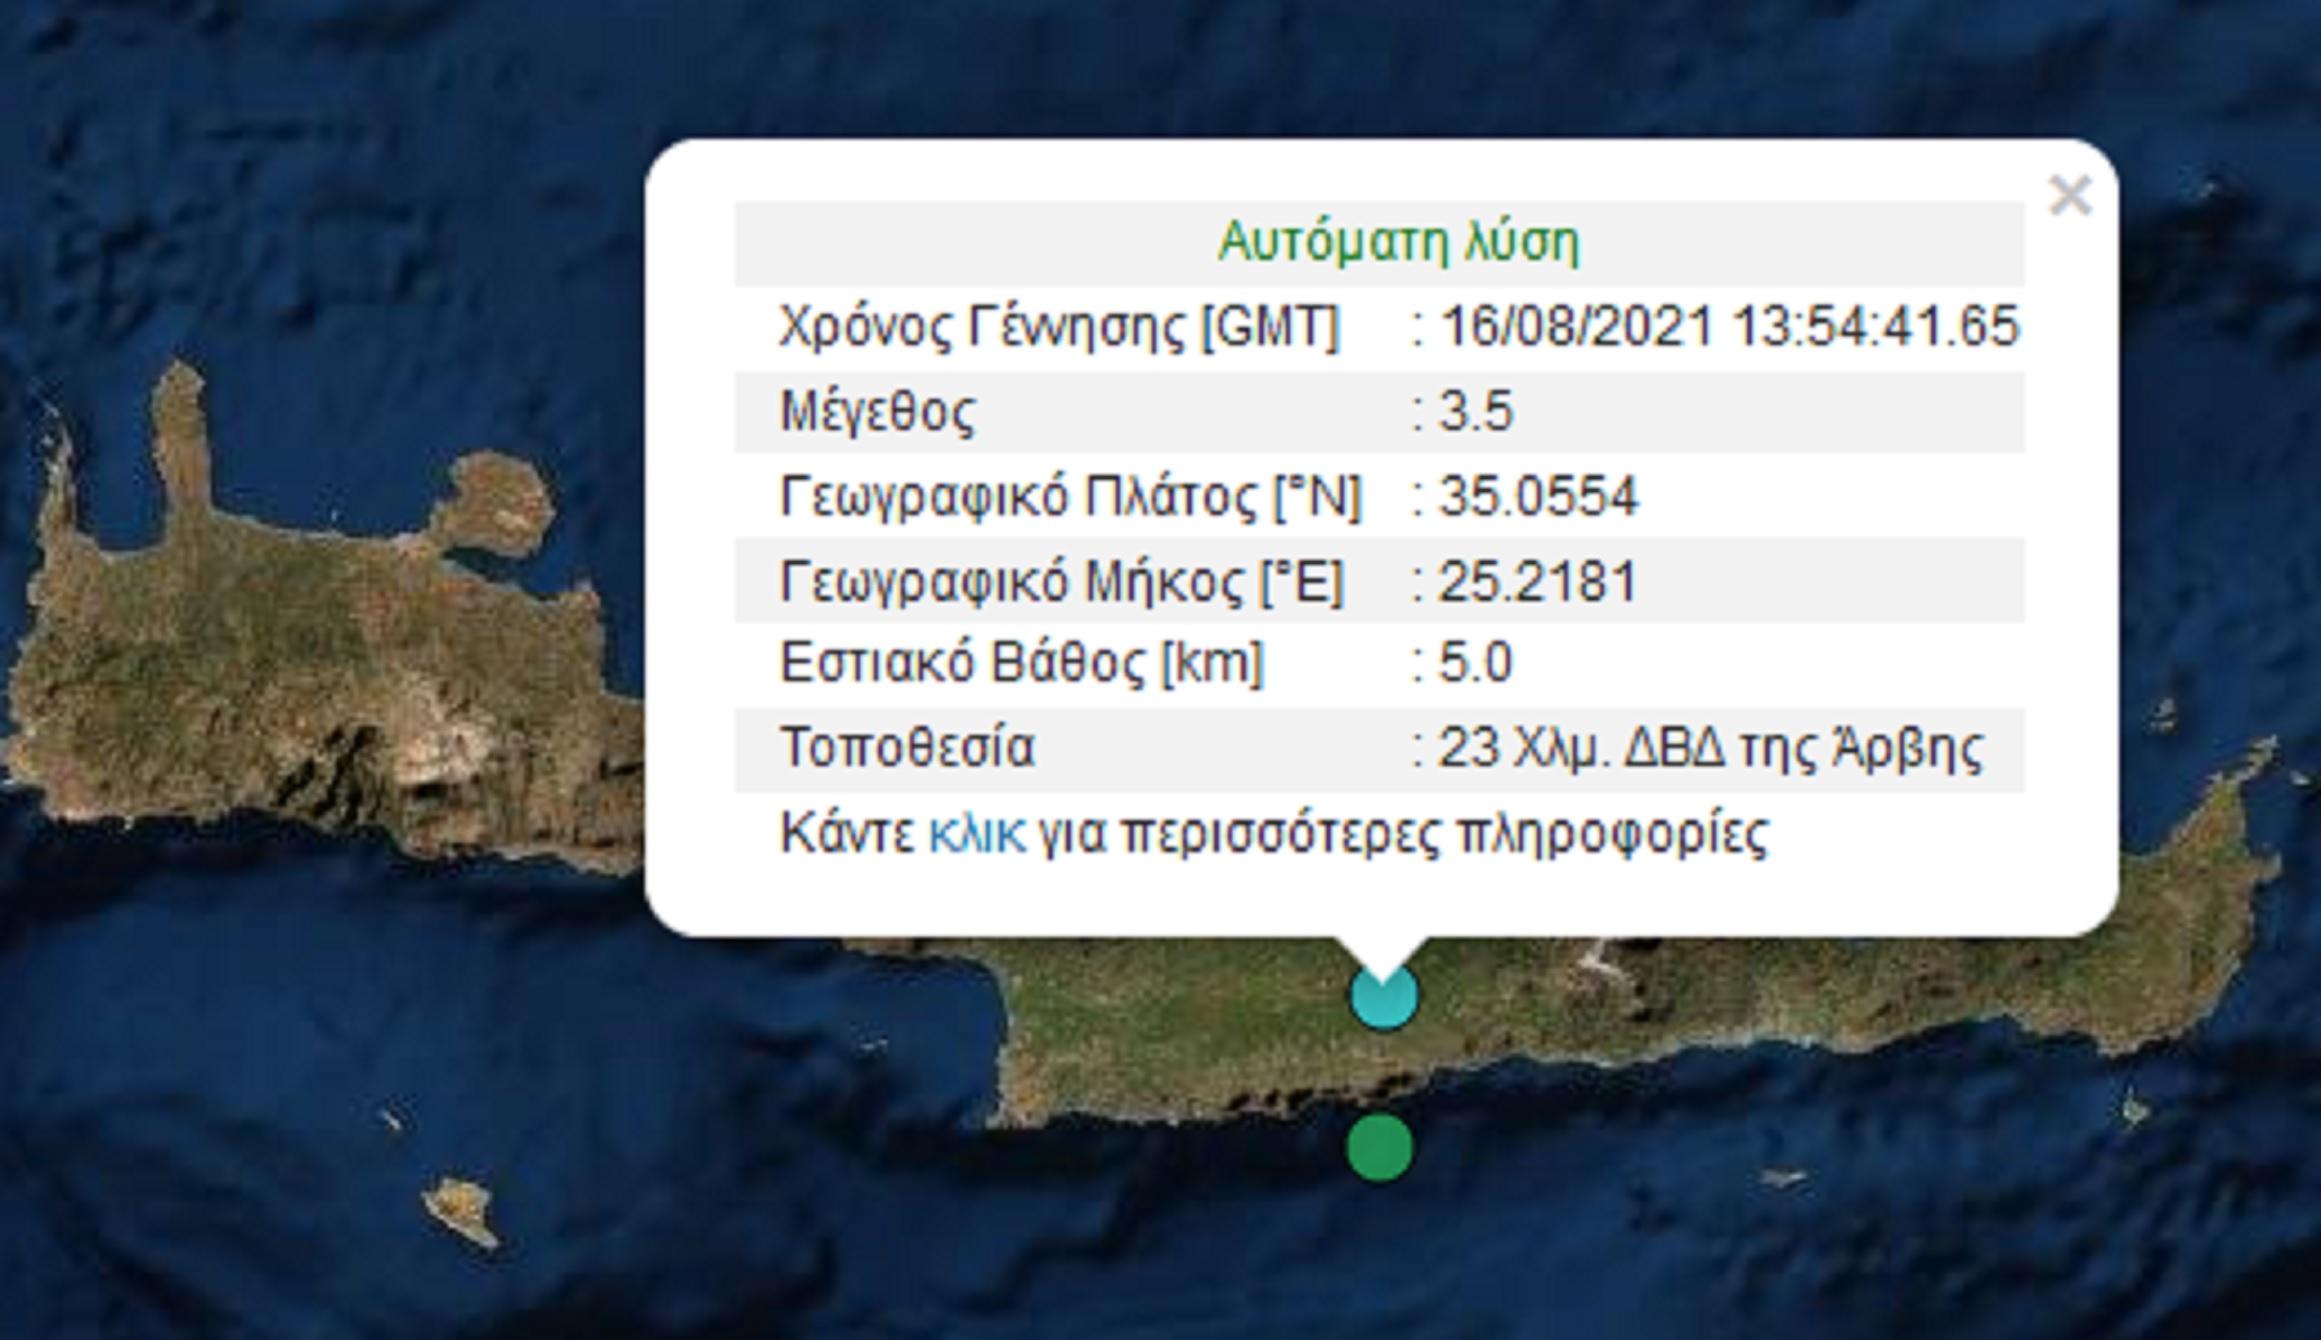 Σεισμός 3,6 Ρίχτερ στο Ηράκλειο